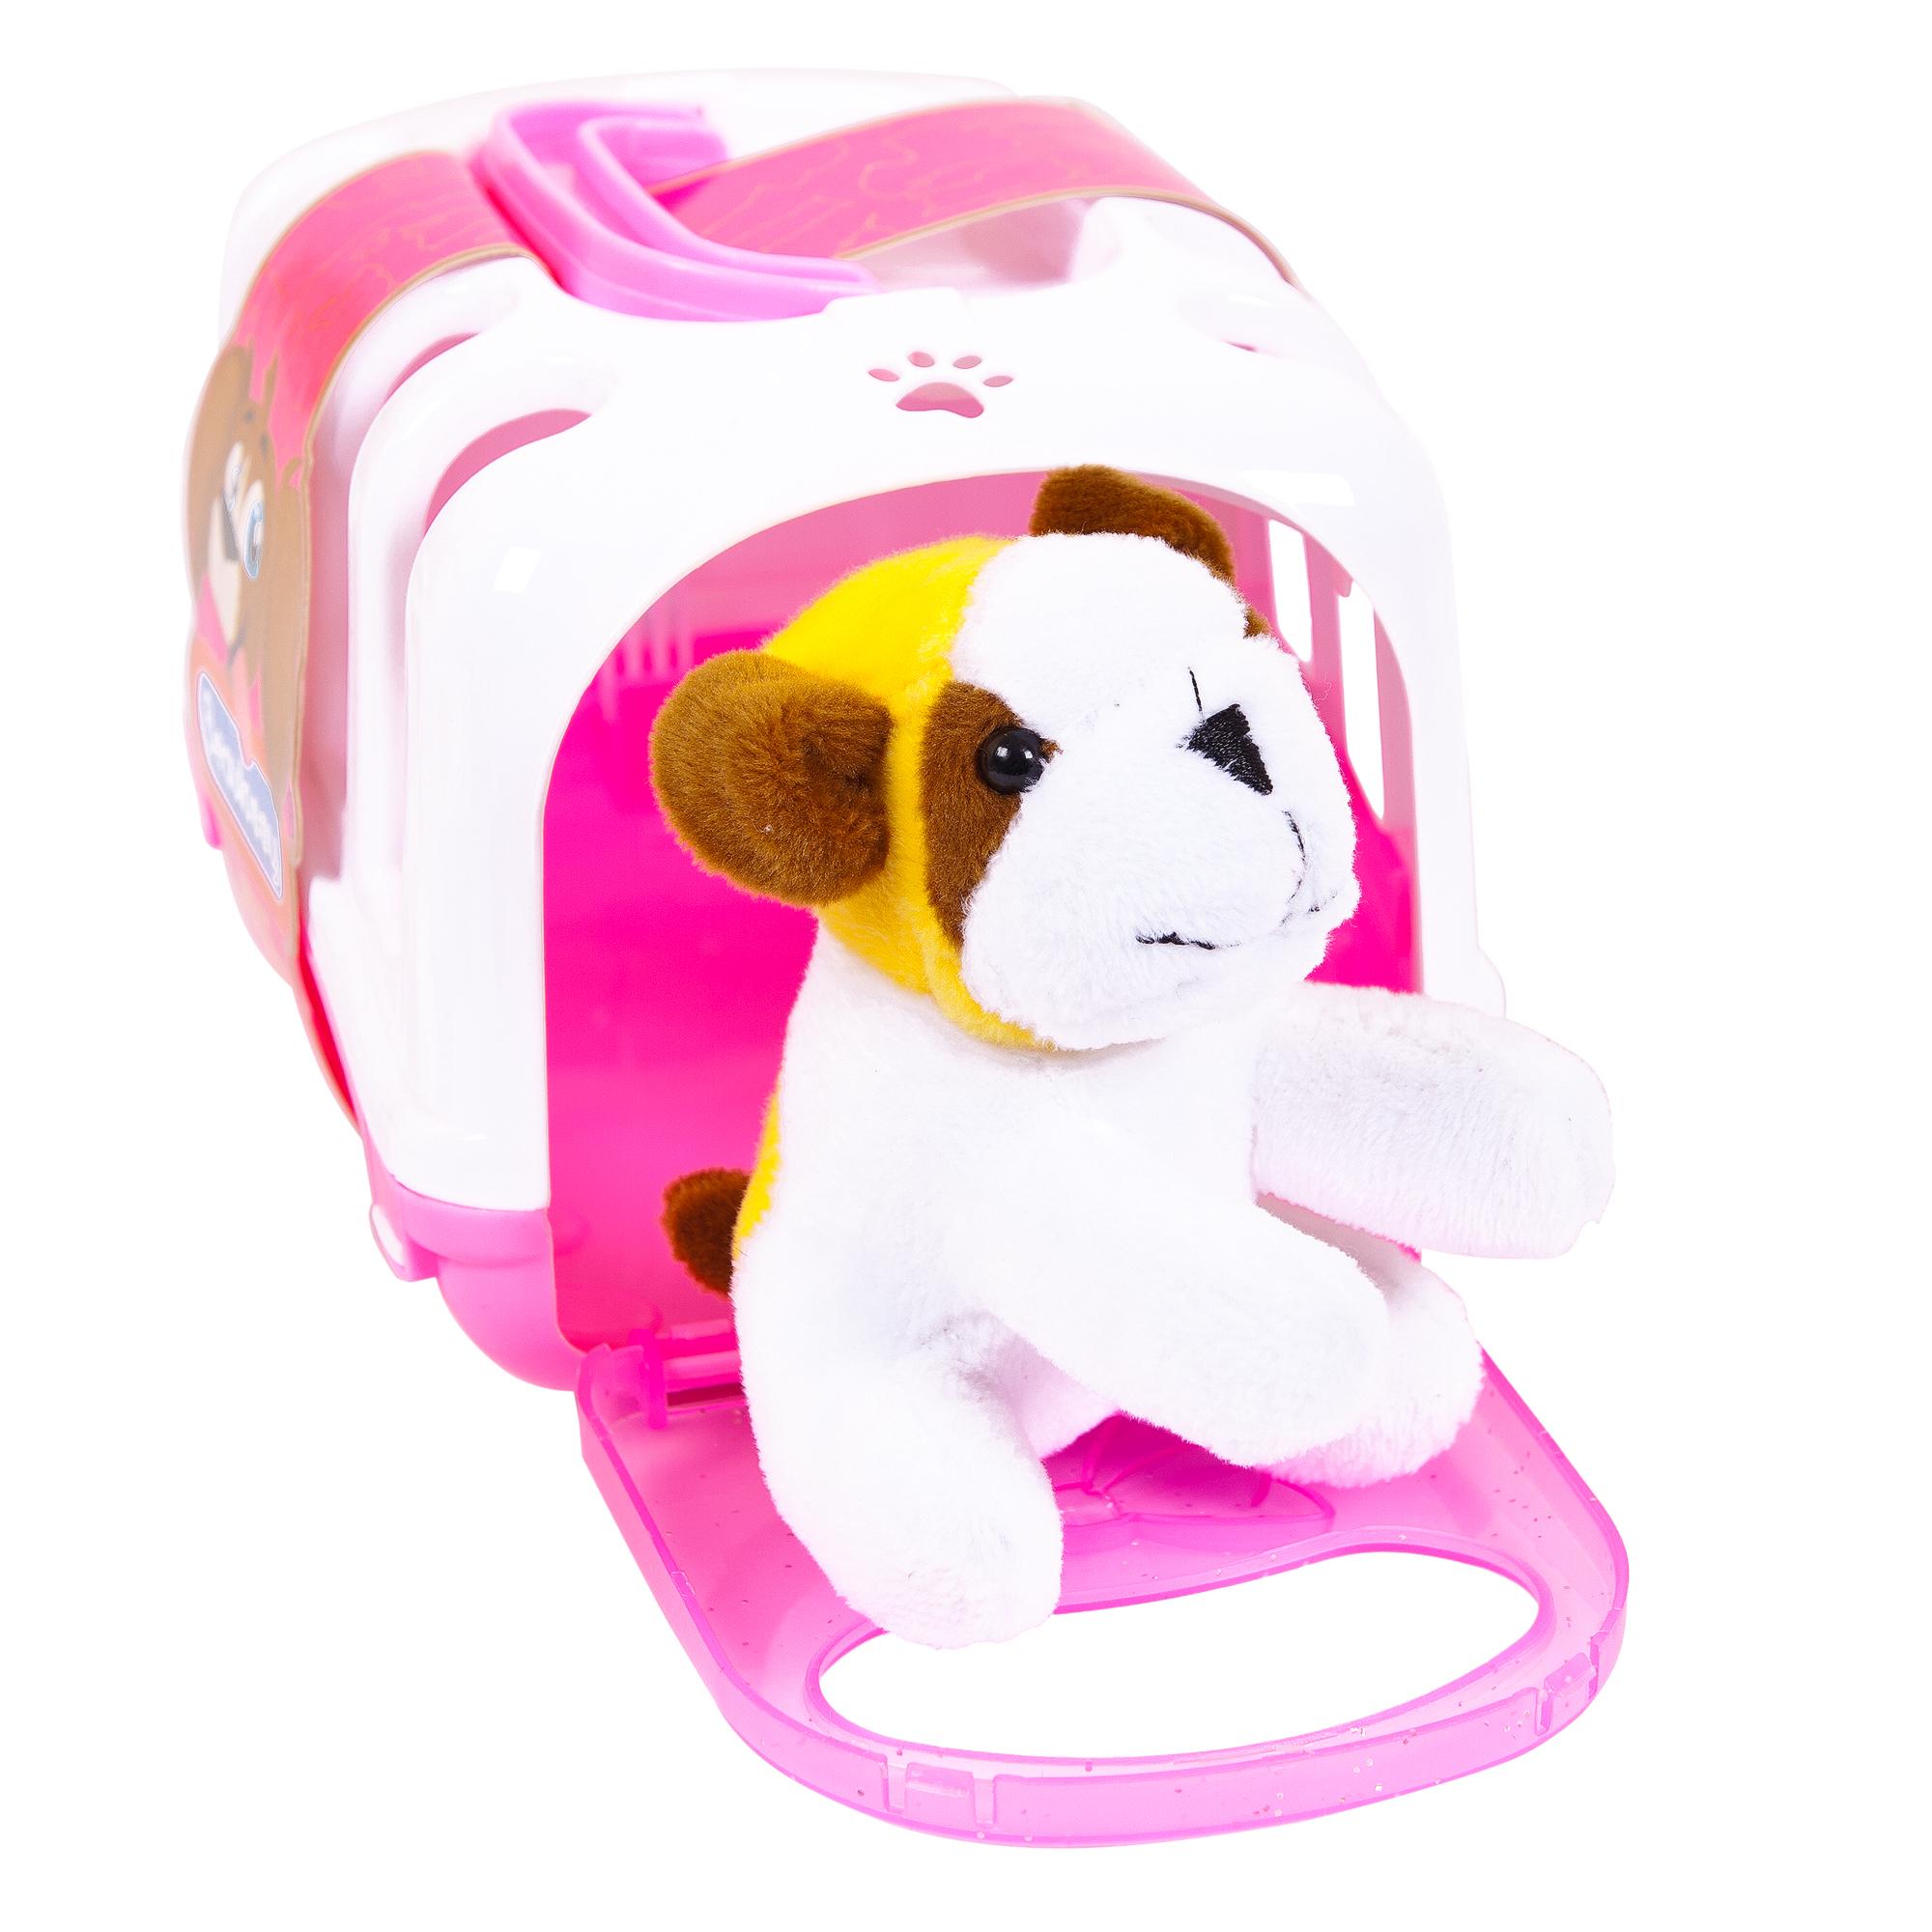 Мягкие игрушки Junfa Мягкая игрушка Junfa Toys «Домашний питомец» с переноской 10 см mimiworld виртуальный питомец игрушка виртуальный питомец сцена костюм детская радость аквариума